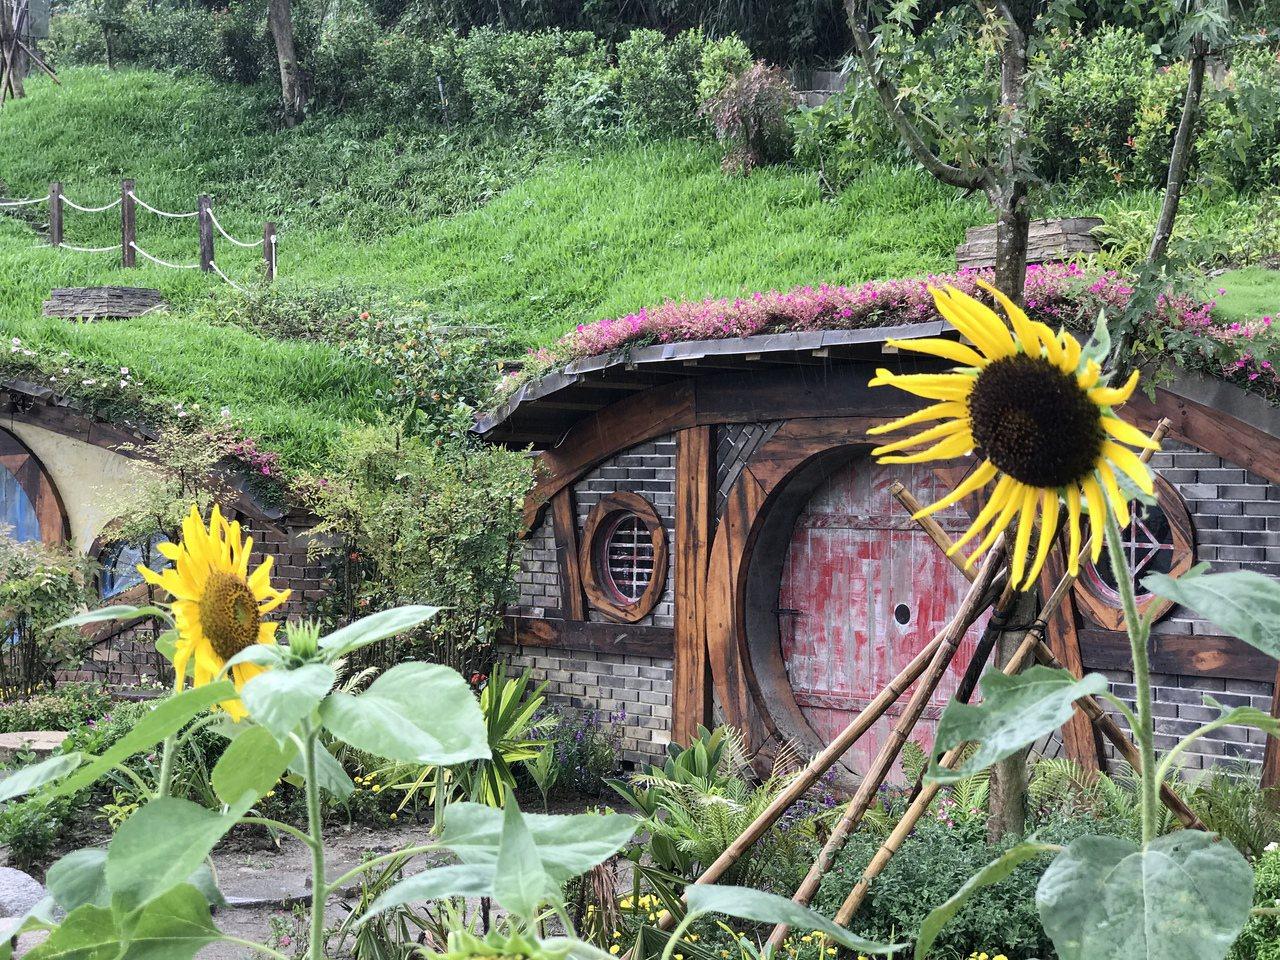 苗栗縣銅鑼山區「哈比丘」,走進園區,宛若來到迷你夢幻童話世界。記者劉星君/攝影